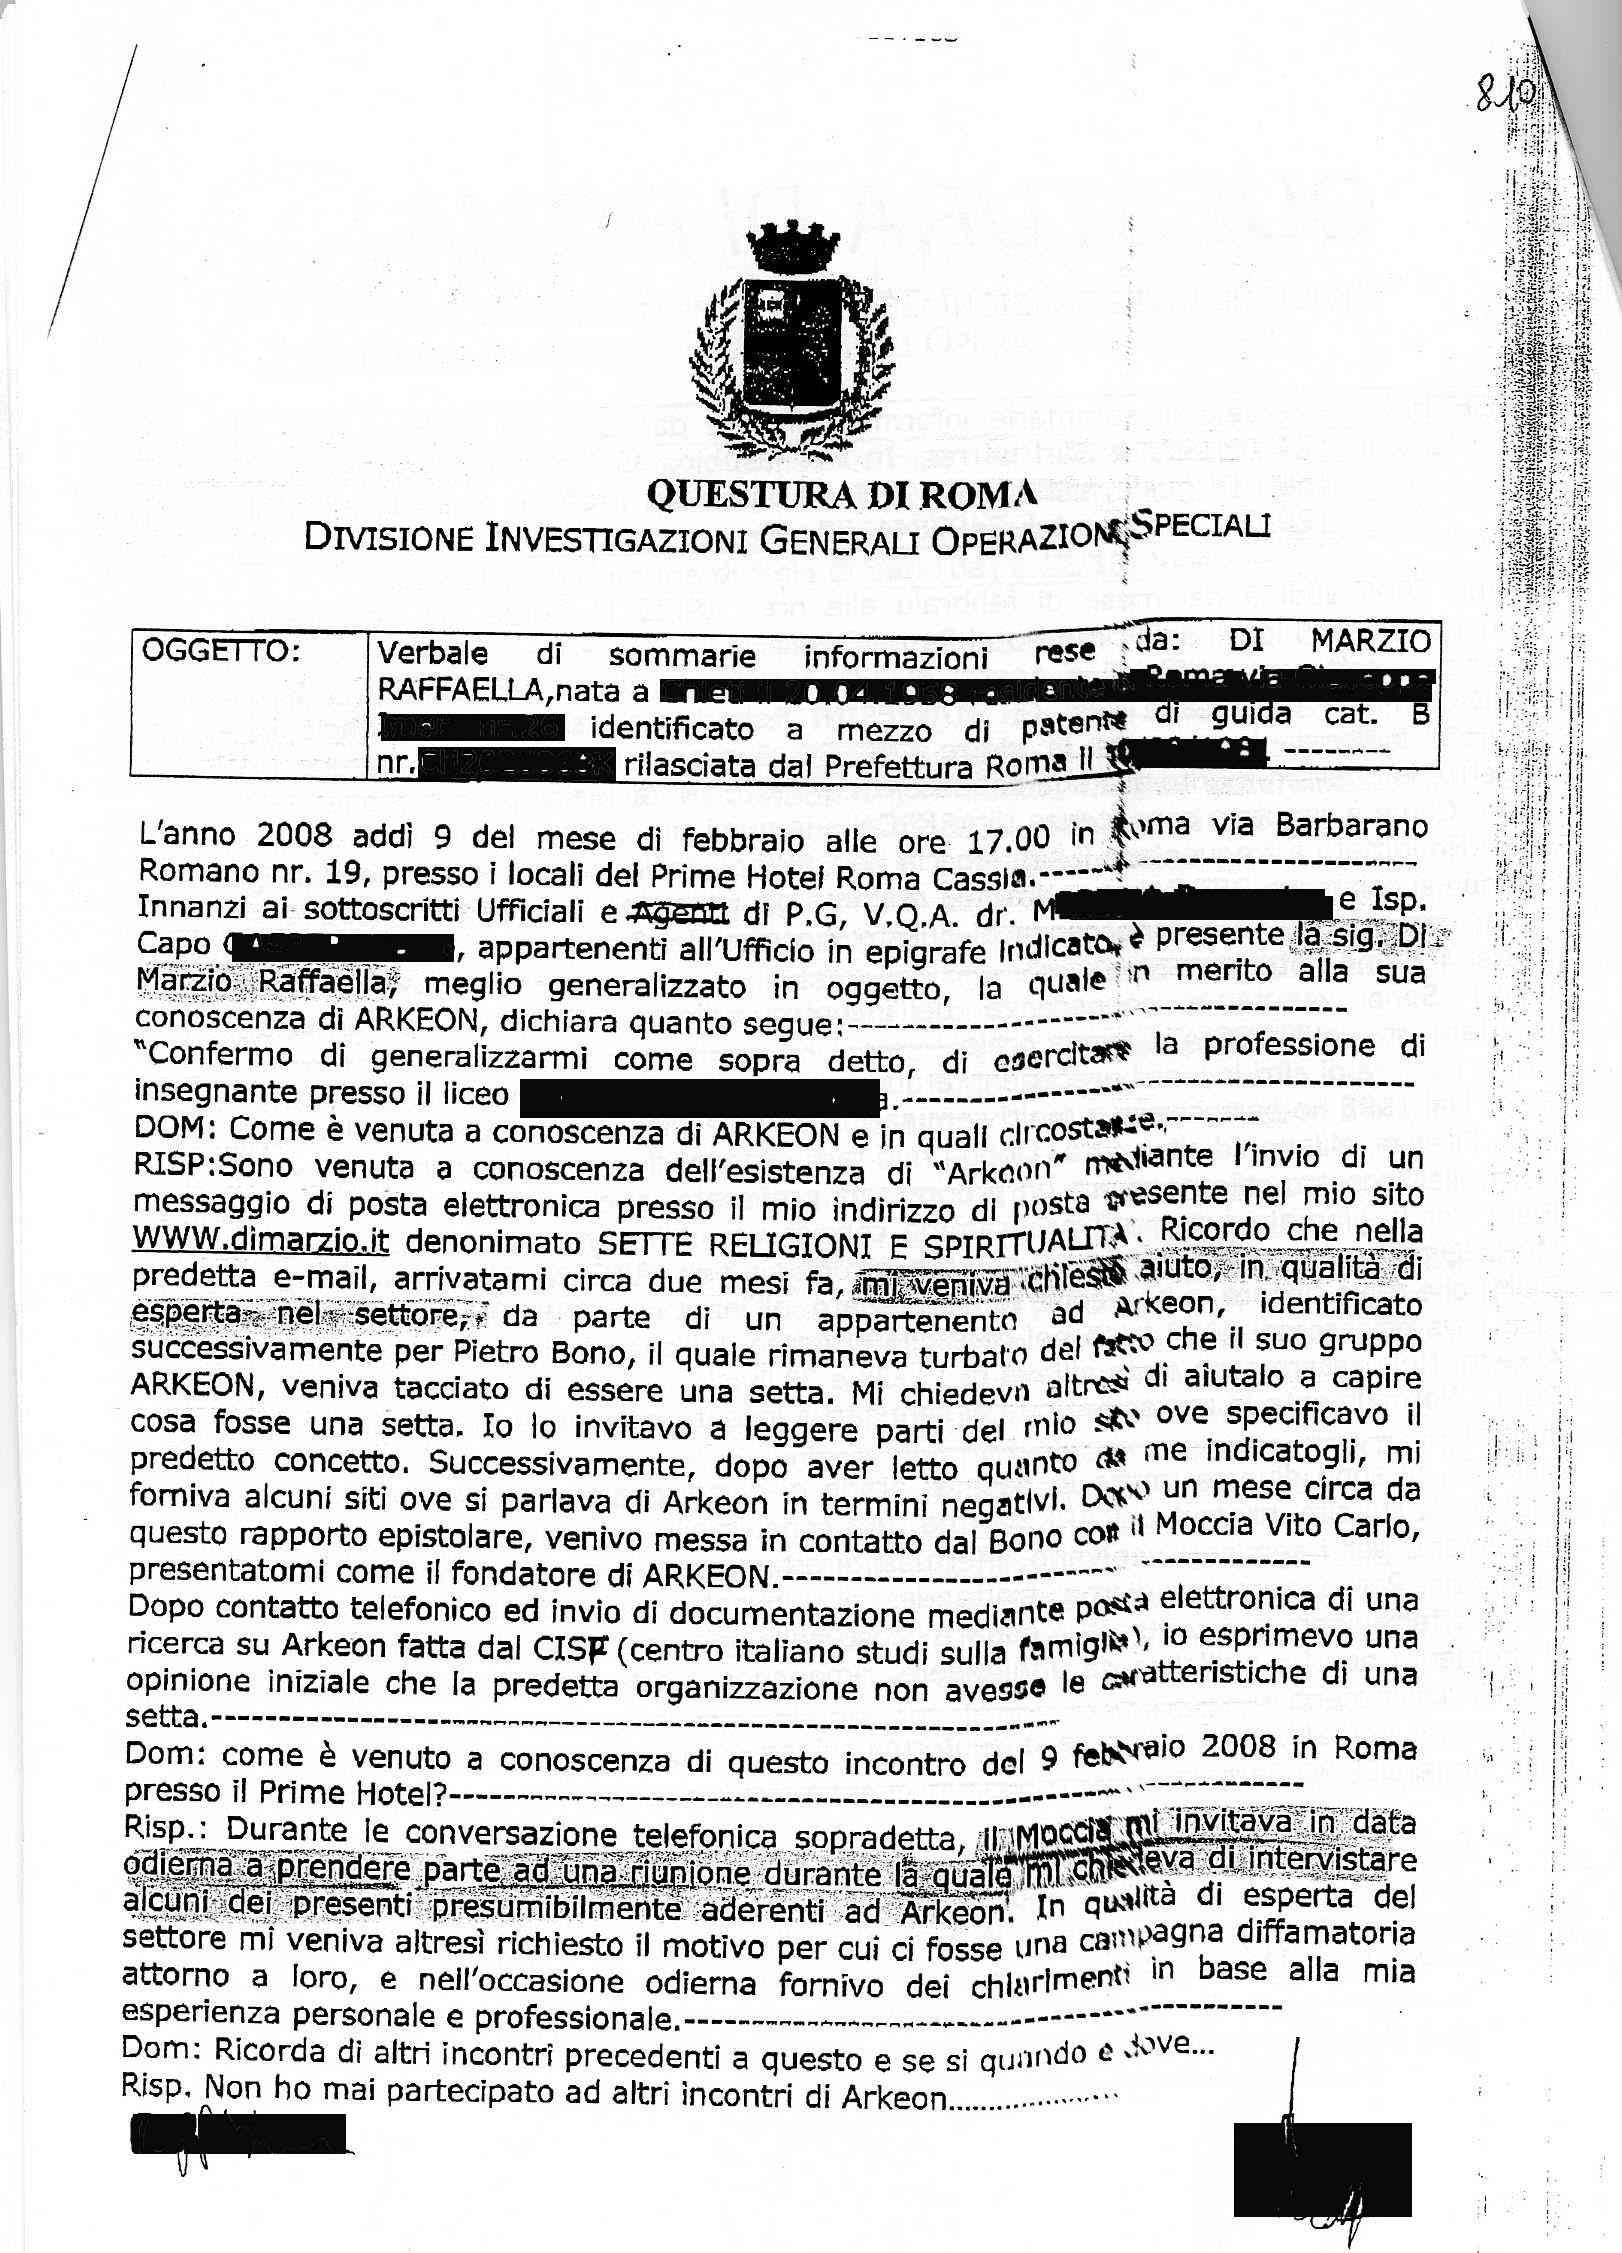 Photo: 9 febbraio 2008 - Dichiarazione rilasciata alla Digos di Roma, p.1